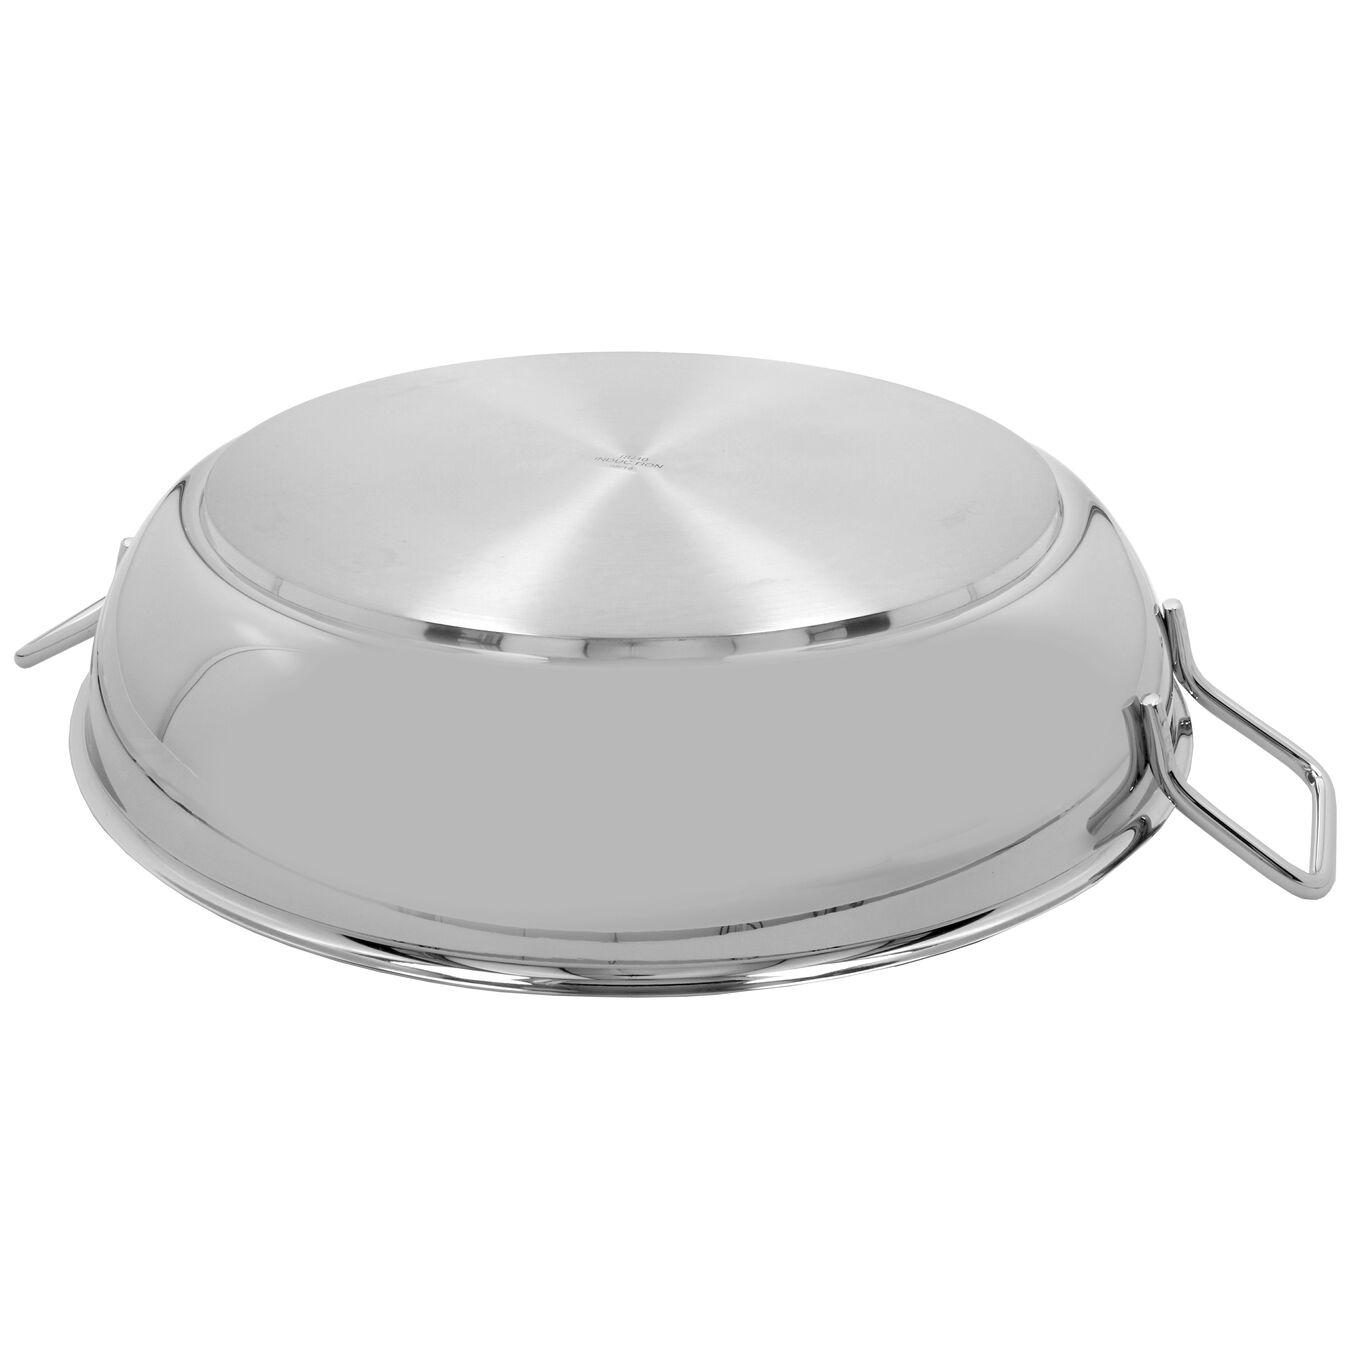 Paella Tavası Kapaksız | 18/10 Paslanmaz Çelik | 46 cm,,large 4